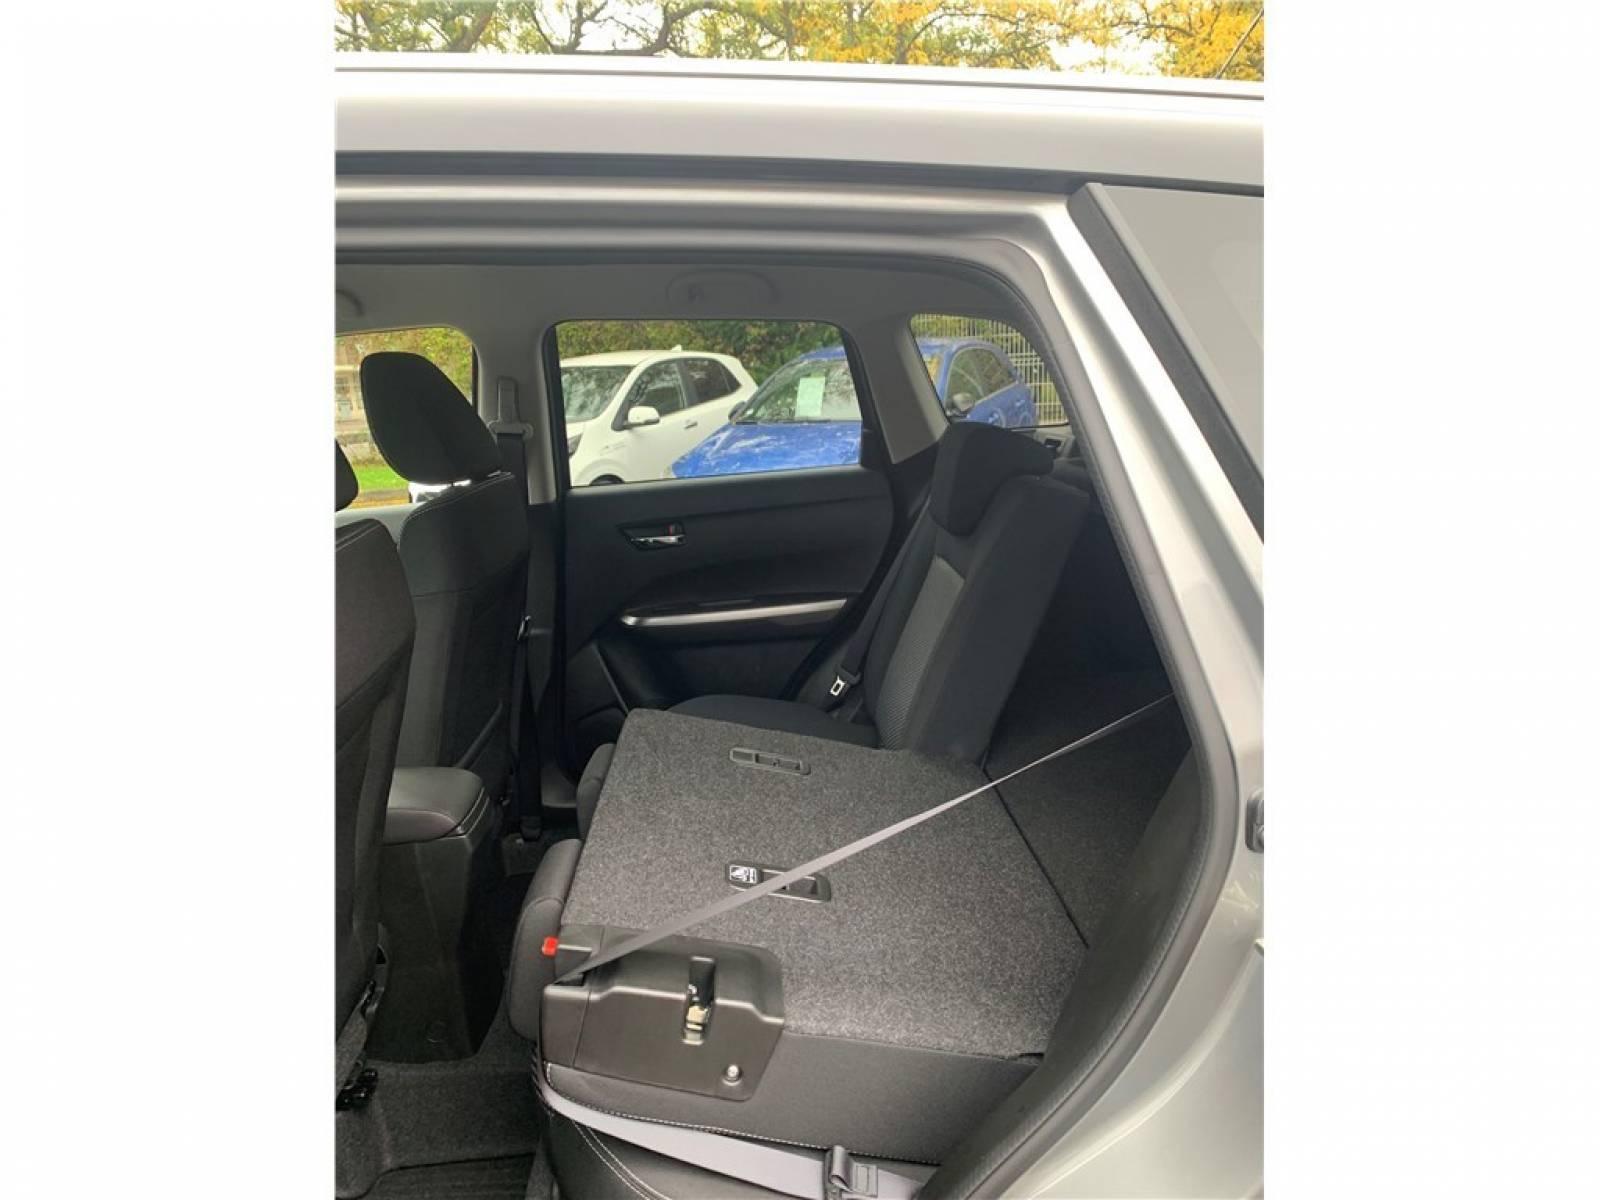 SUZUKI Vitara 1.4 Boosterjet Allgrip Hybrid - véhicule d'occasion - Groupe Guillet - Hall de l'automobile - Montceau les Mines - 71300 - Montceau-les-Mines - 20